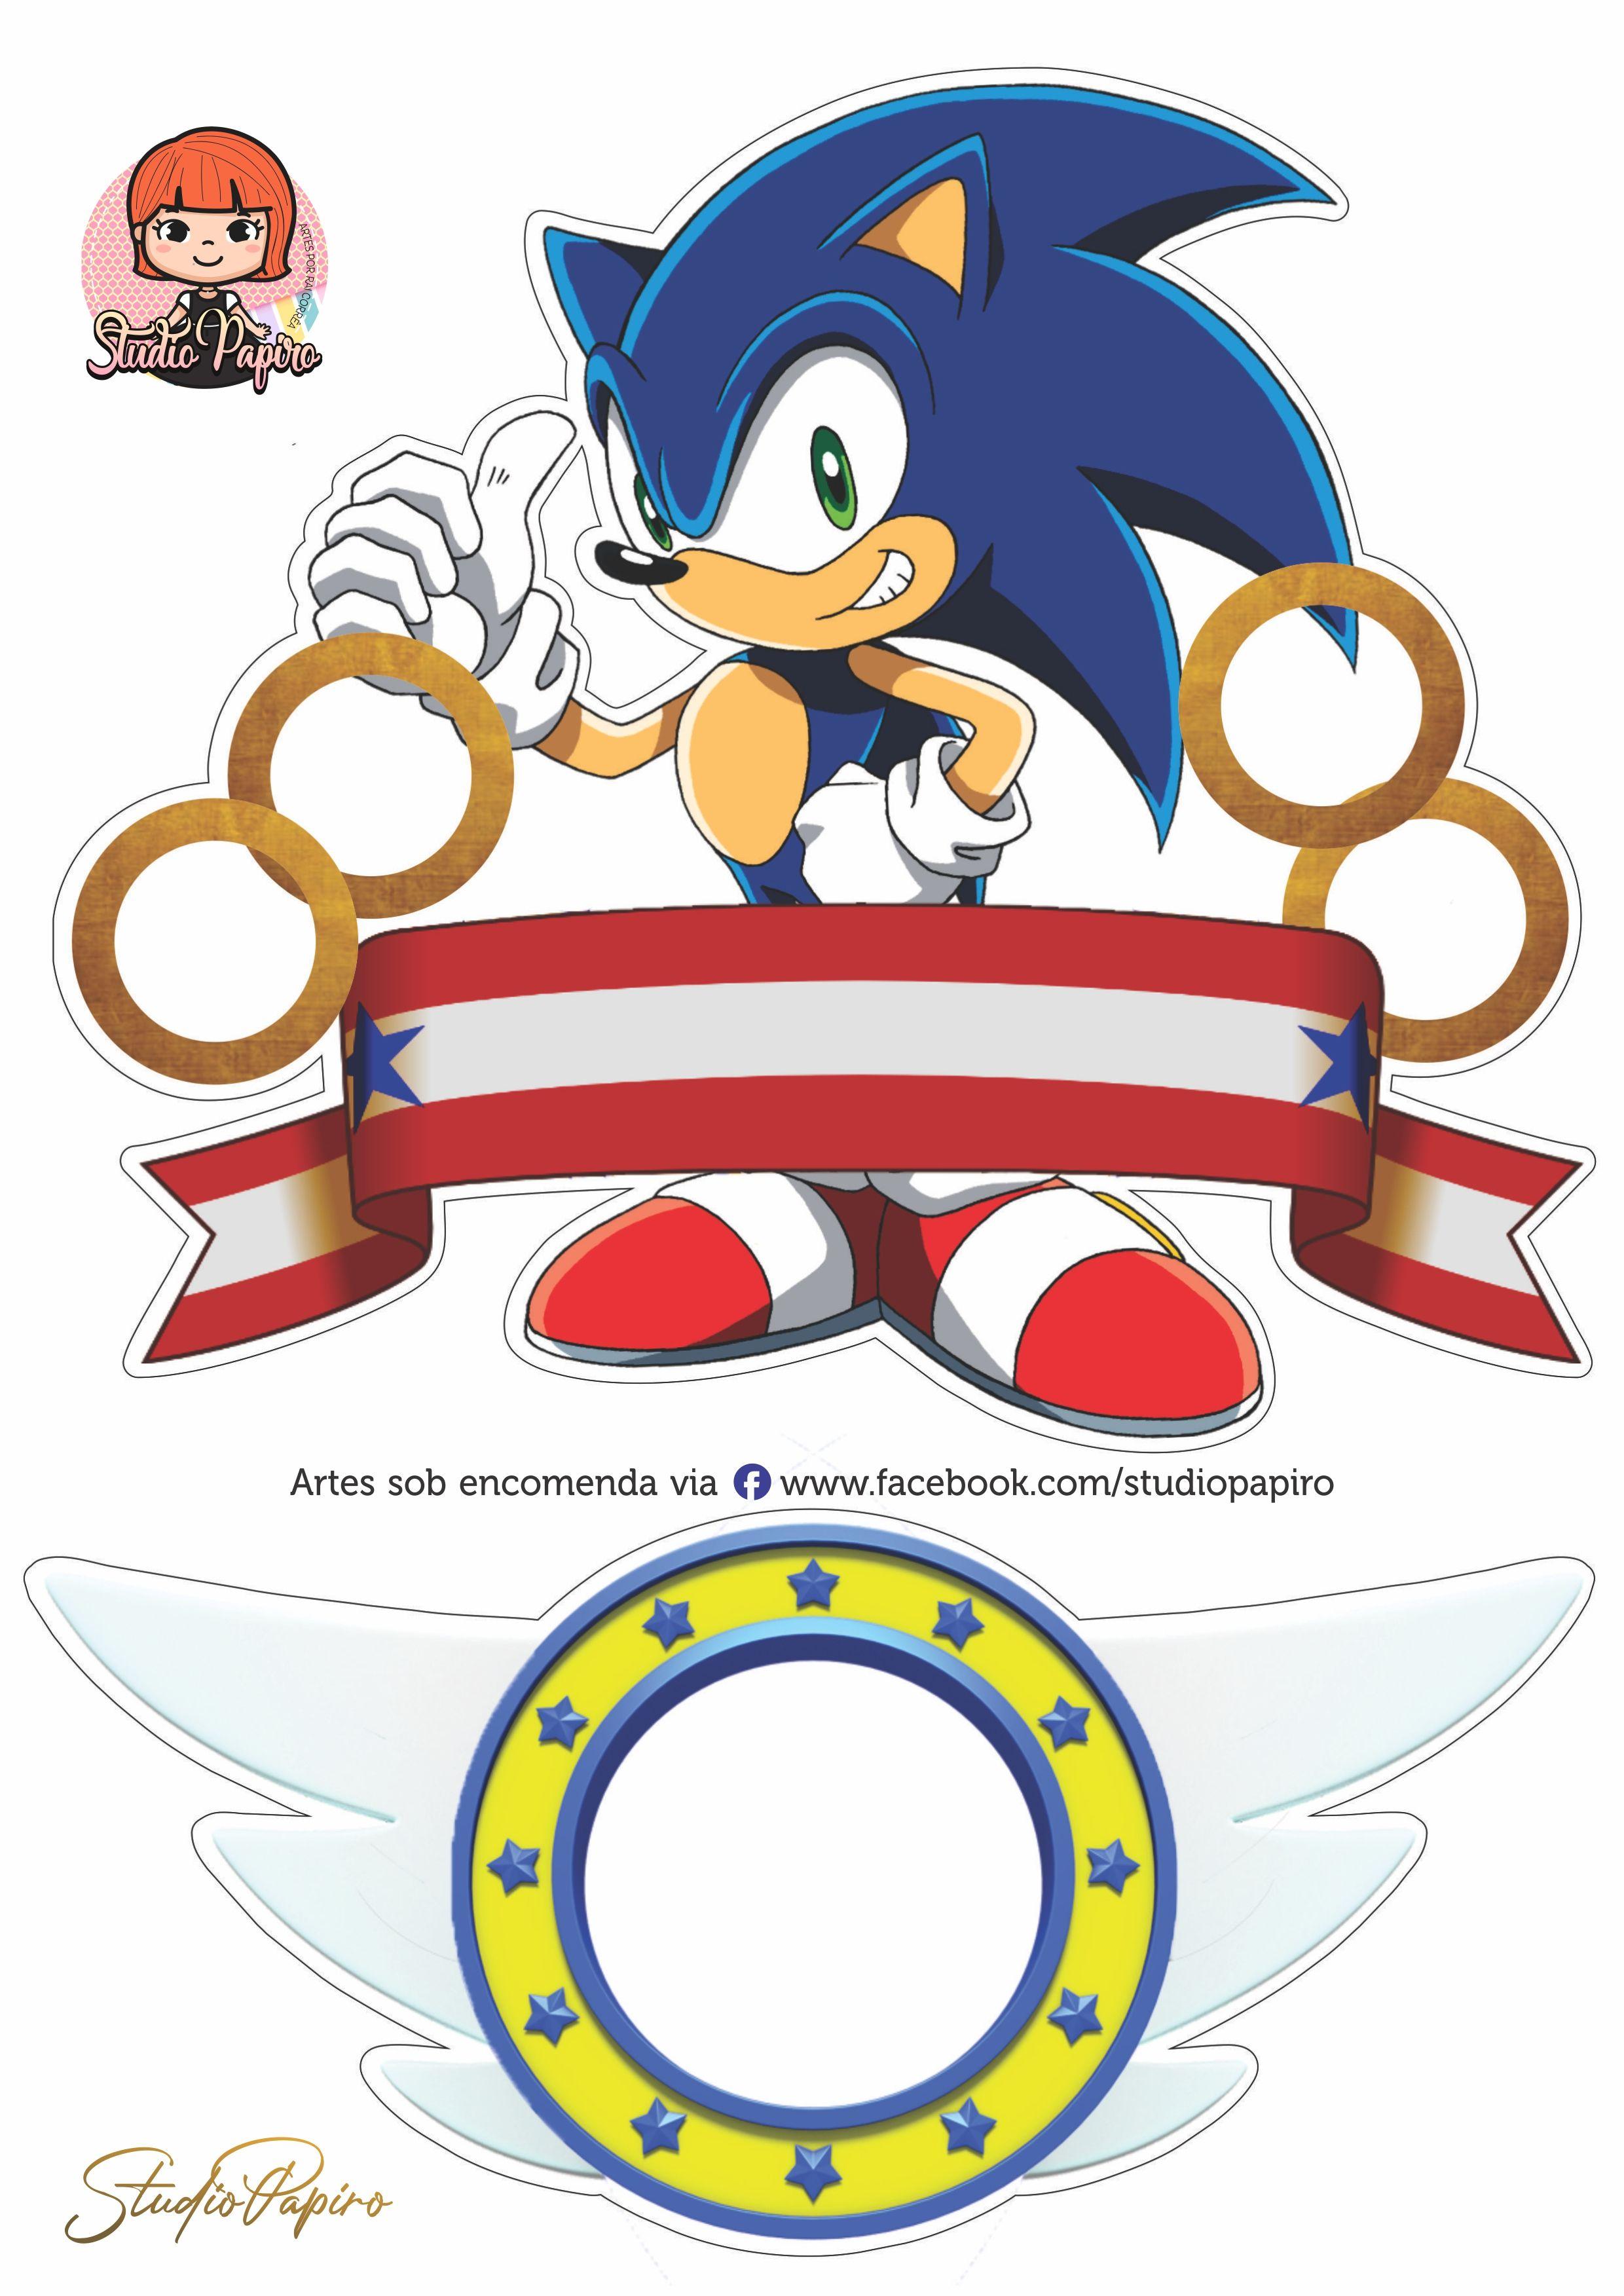 Topo De Bolo Sonic The Hedgehog Para Imprimir Festas De Aniversario Do Sonic Aniversario Do Sonic Enfeites De Aniversario